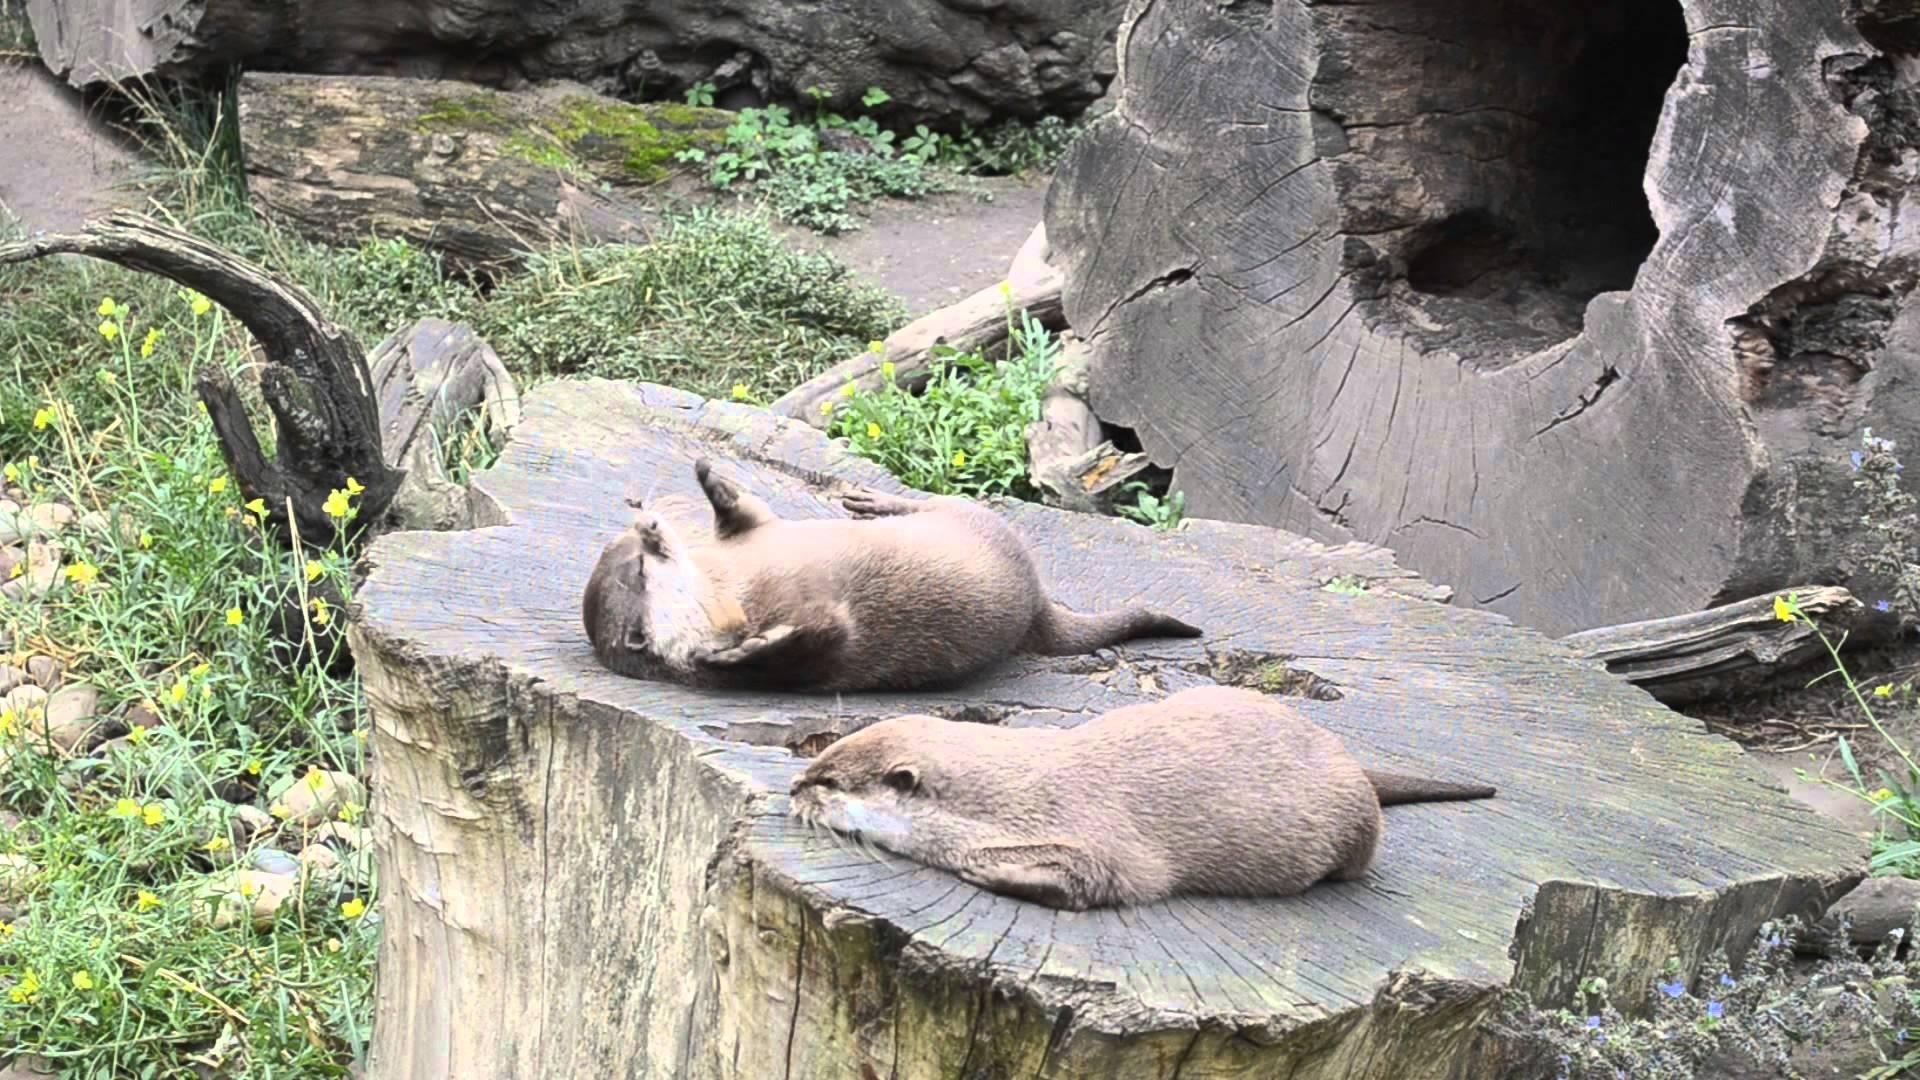 Otter jongliert Stein zwischen seinen Pfoten